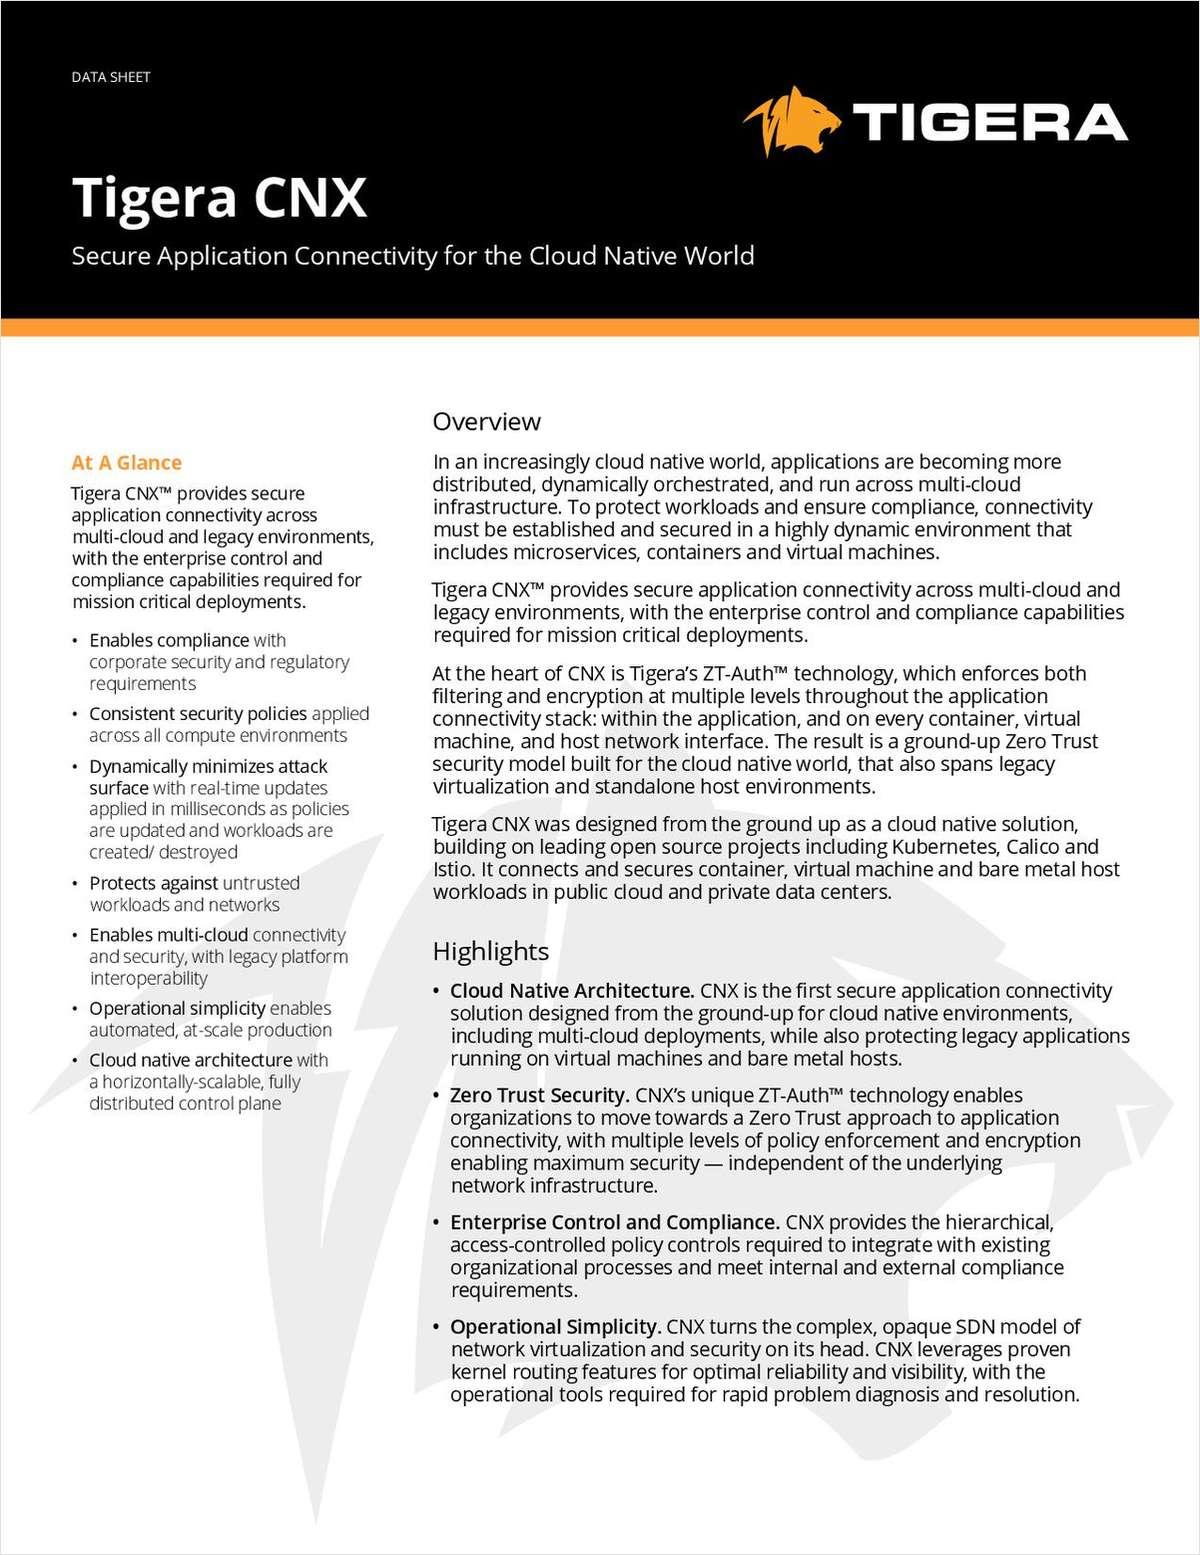 Tigera CNX Data Sheet